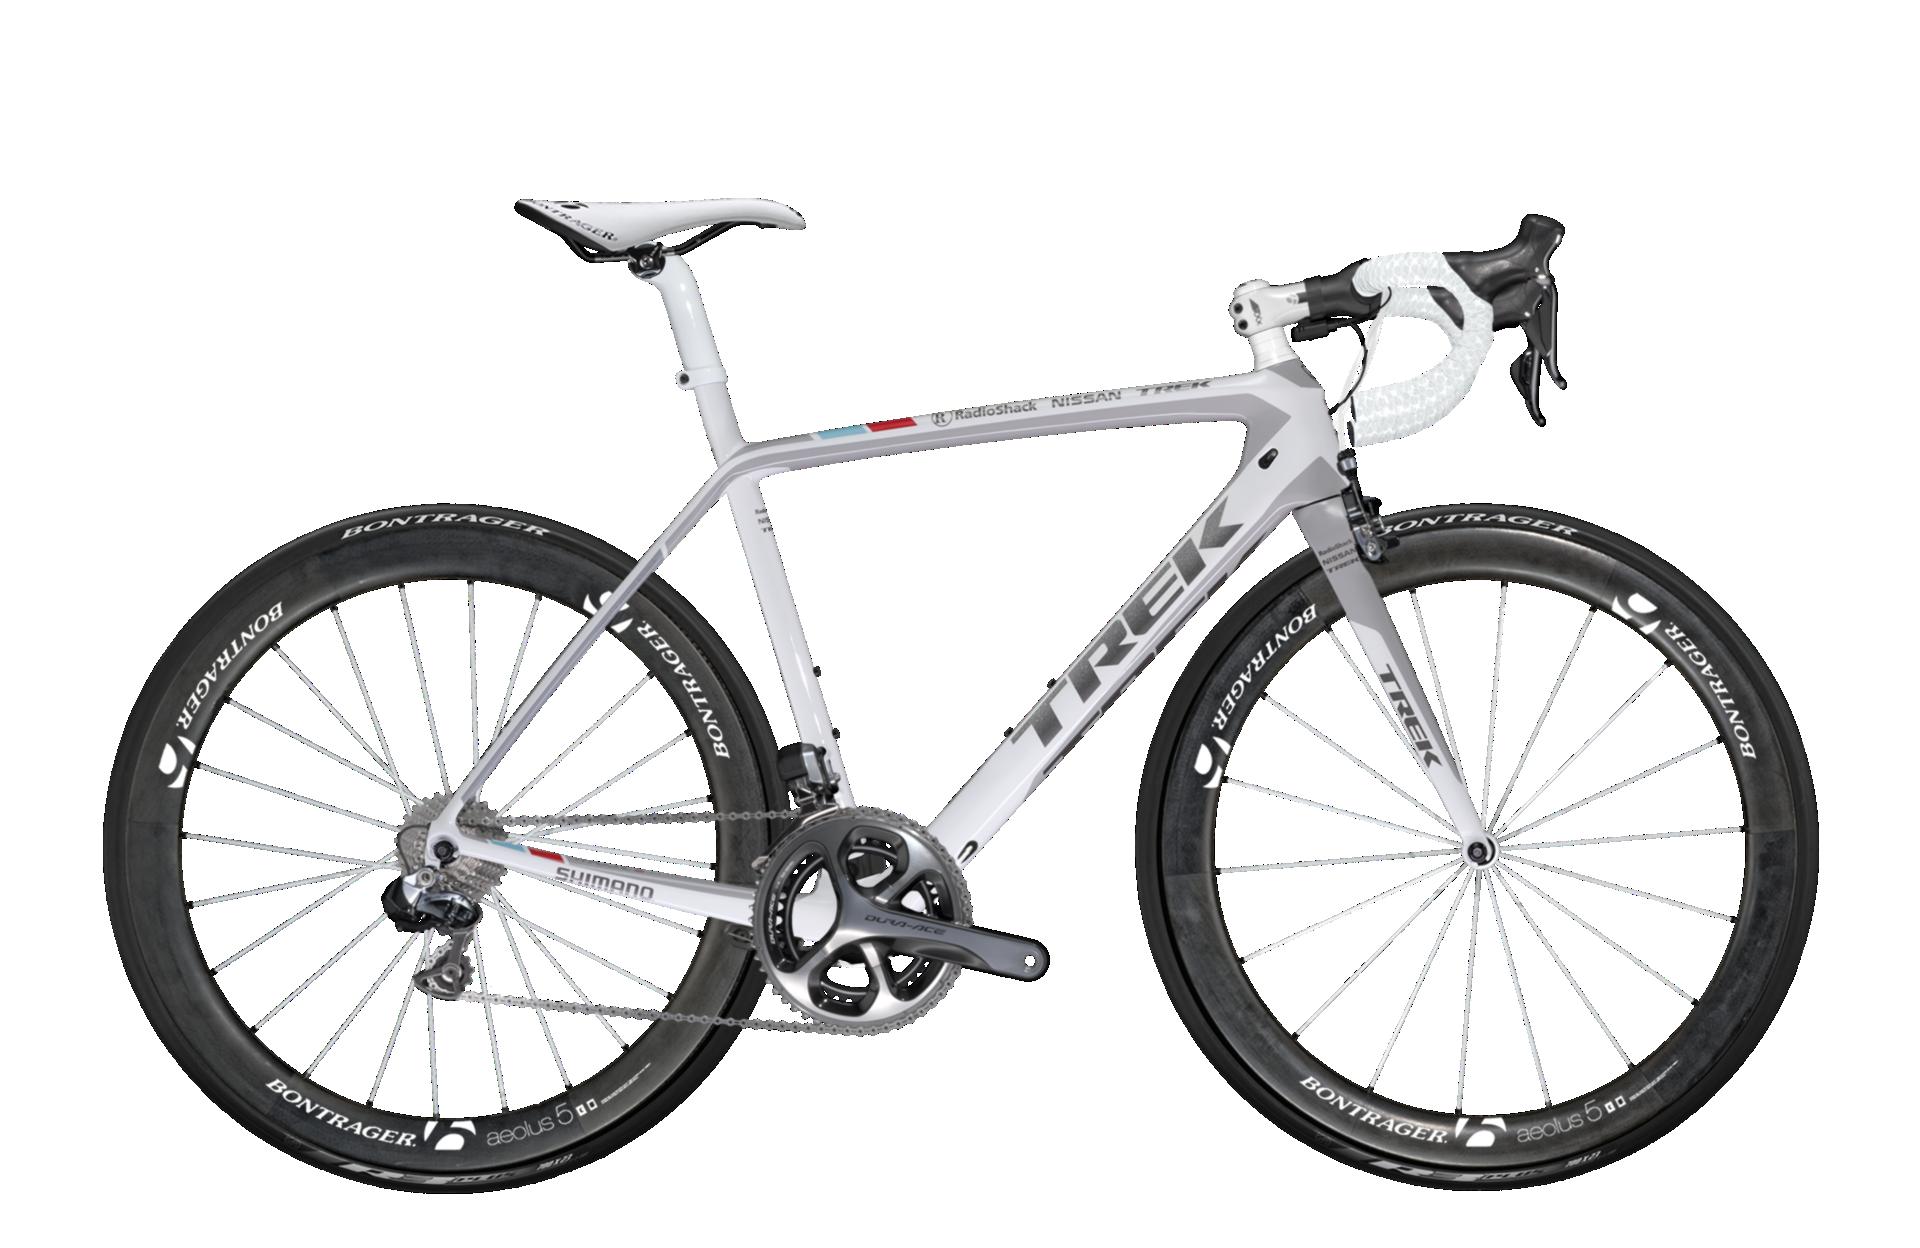 Trek Madone 7 Team Edition Trek Madone Trek Bikes Trek Bicycle